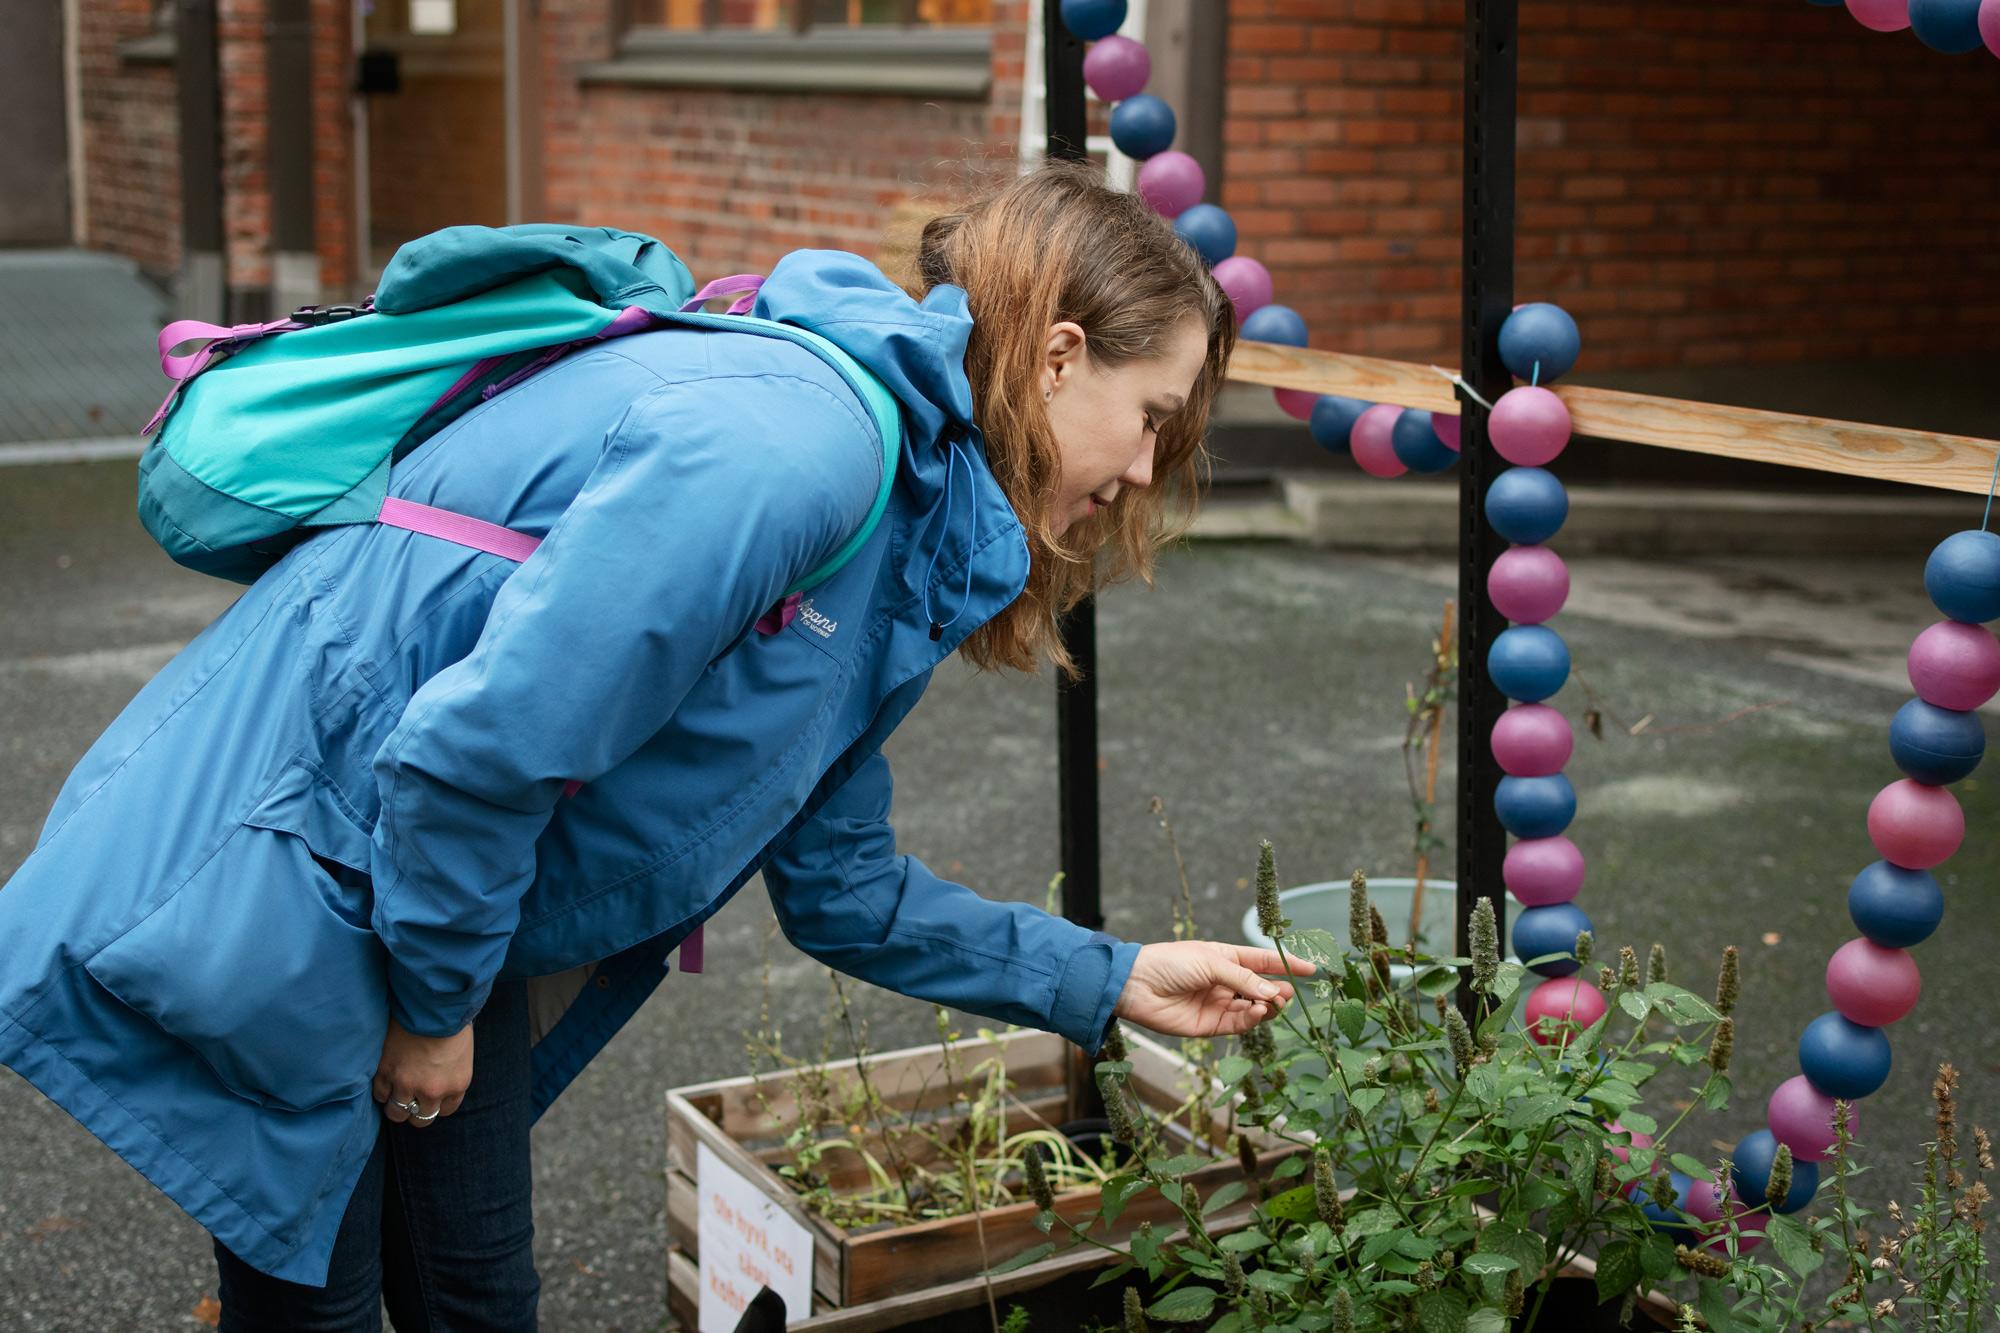 Nainen kumartuu katsomaan kasvia ulkona